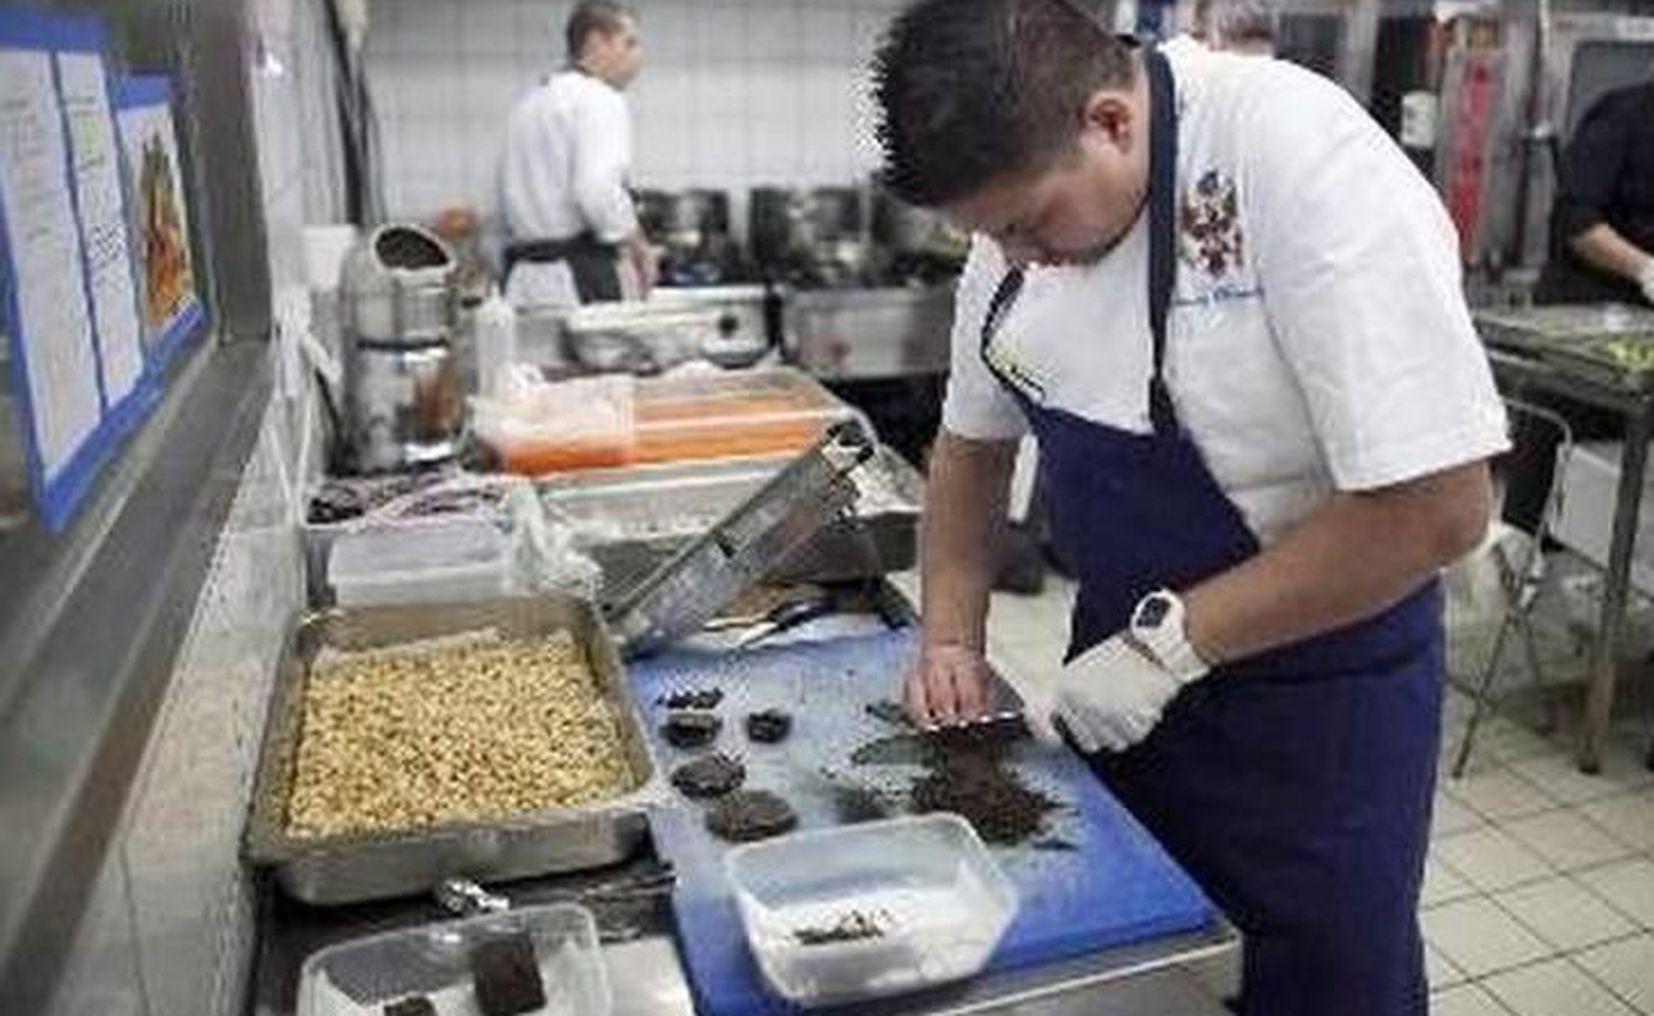 Canadá busca contratar panaderos mexicanos; ofrece 32,200 mensuales